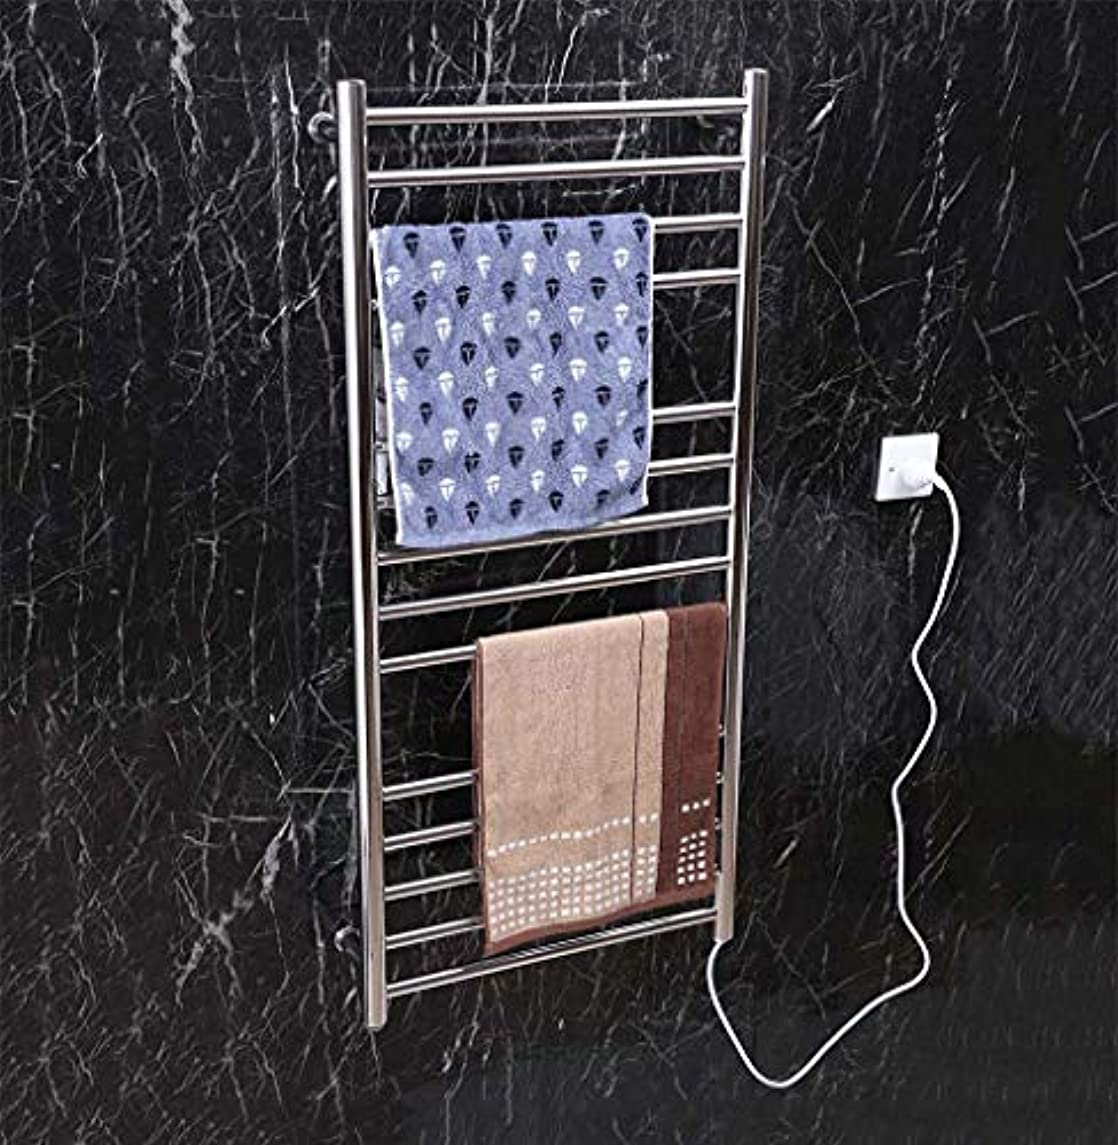 次へ構築するほこりスマート電気タオルウォーマー、304ステンレススチール壁掛け電気タオルラジエーター、家庭用ホテルのバスルームシェルフ、1100X520X120mm